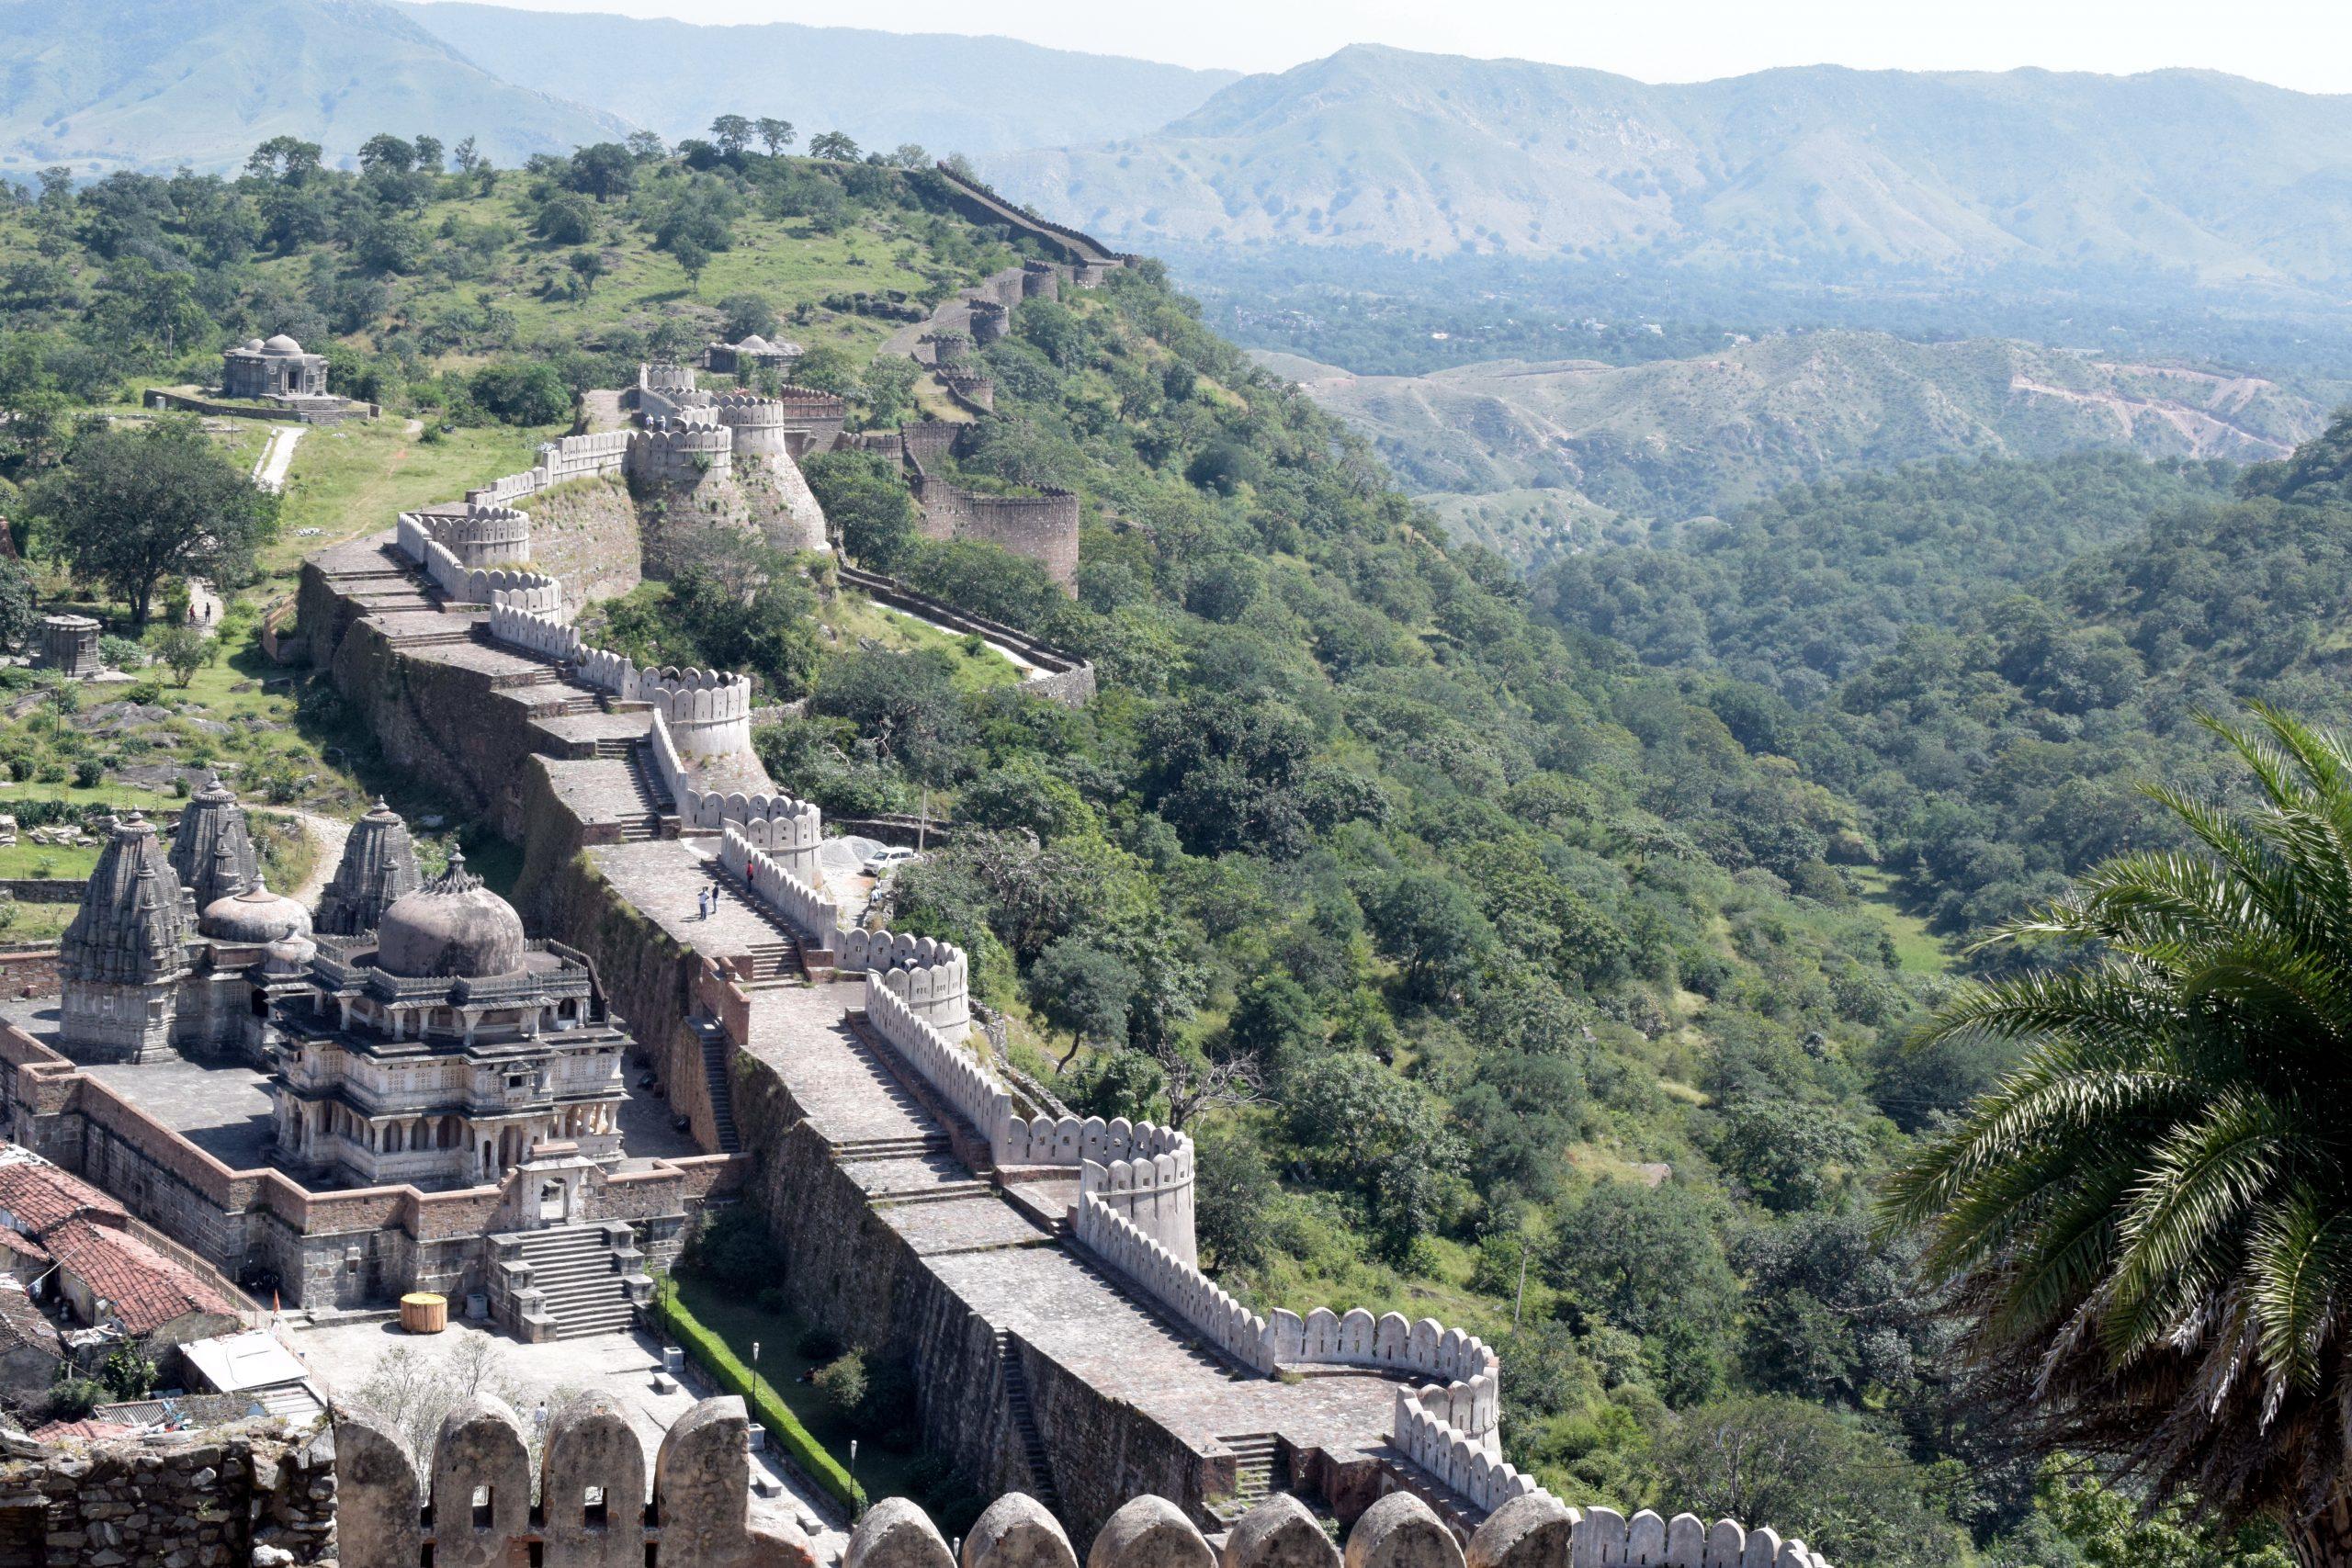 Kumbhalgar Fort of Aravalli Hills